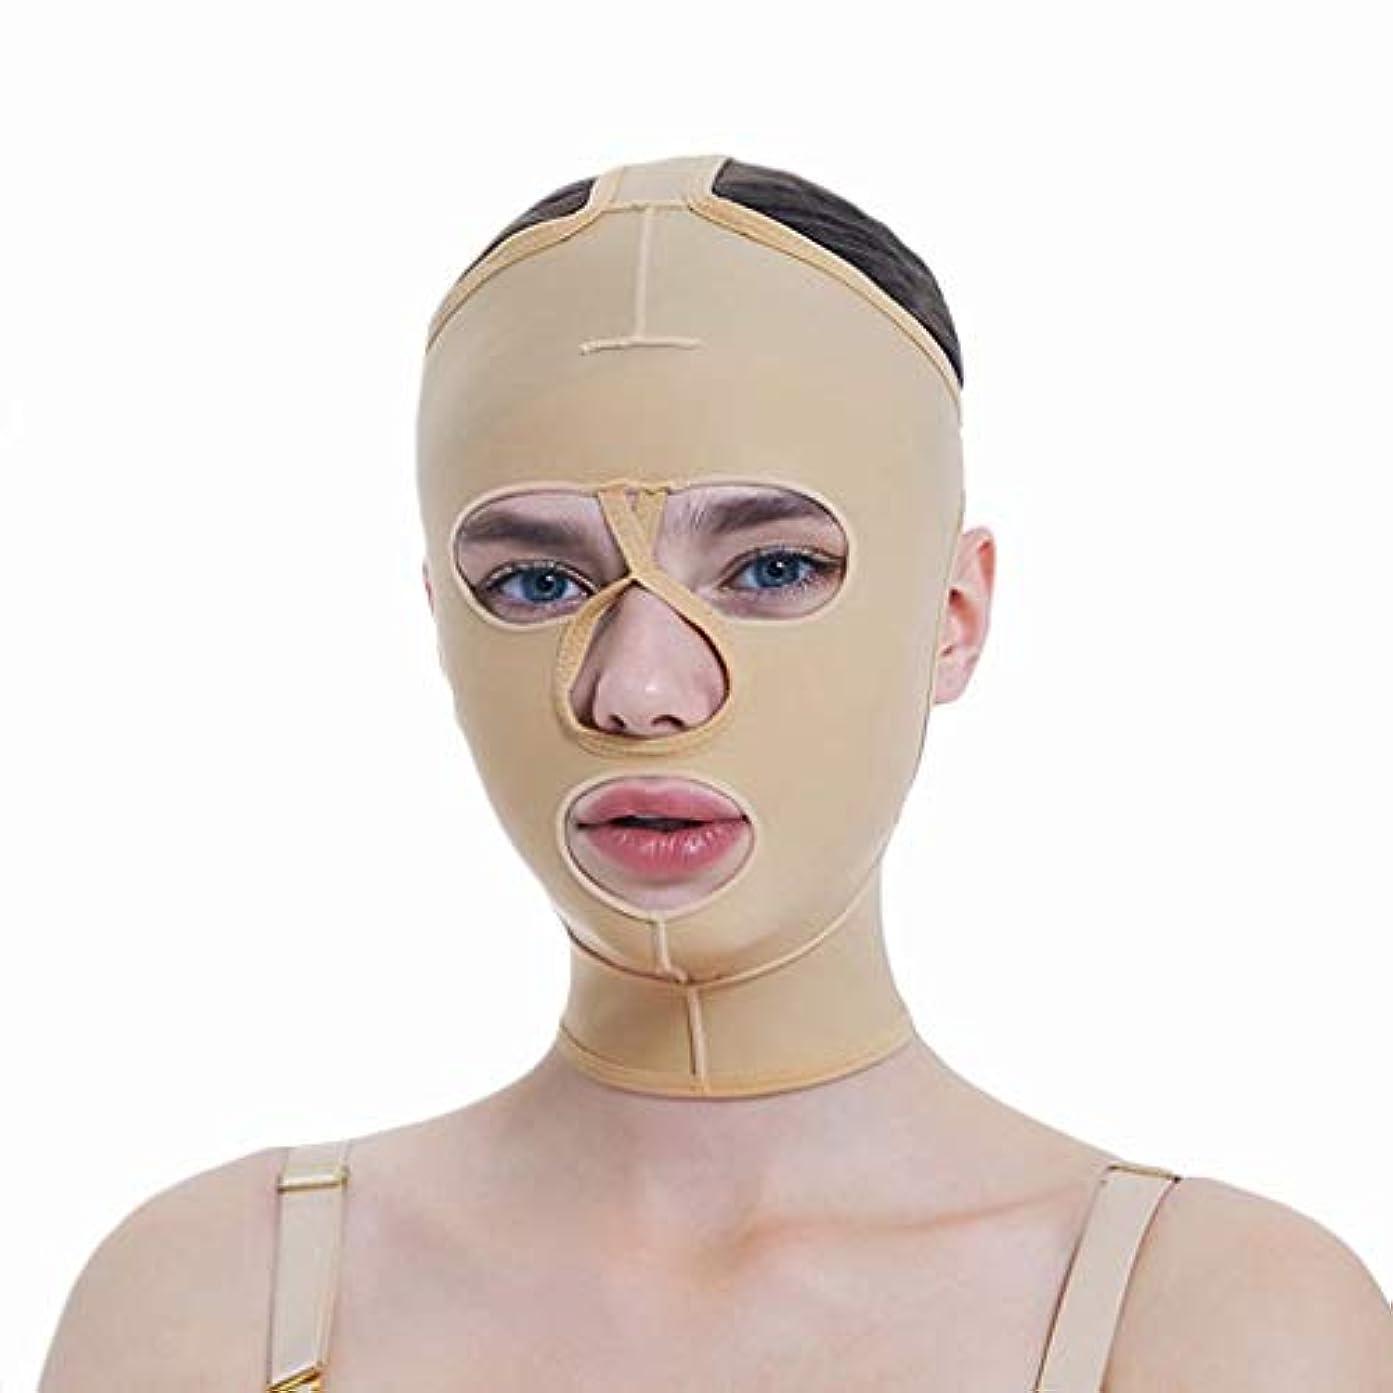 鼓舞するびっくりブラウザフェイシャル減量マスク、フルカバレッジ包帯、フルフェイスリフティングマスク、フェイスマスク、快適で リフティングシェーピング(サイズ:S),S